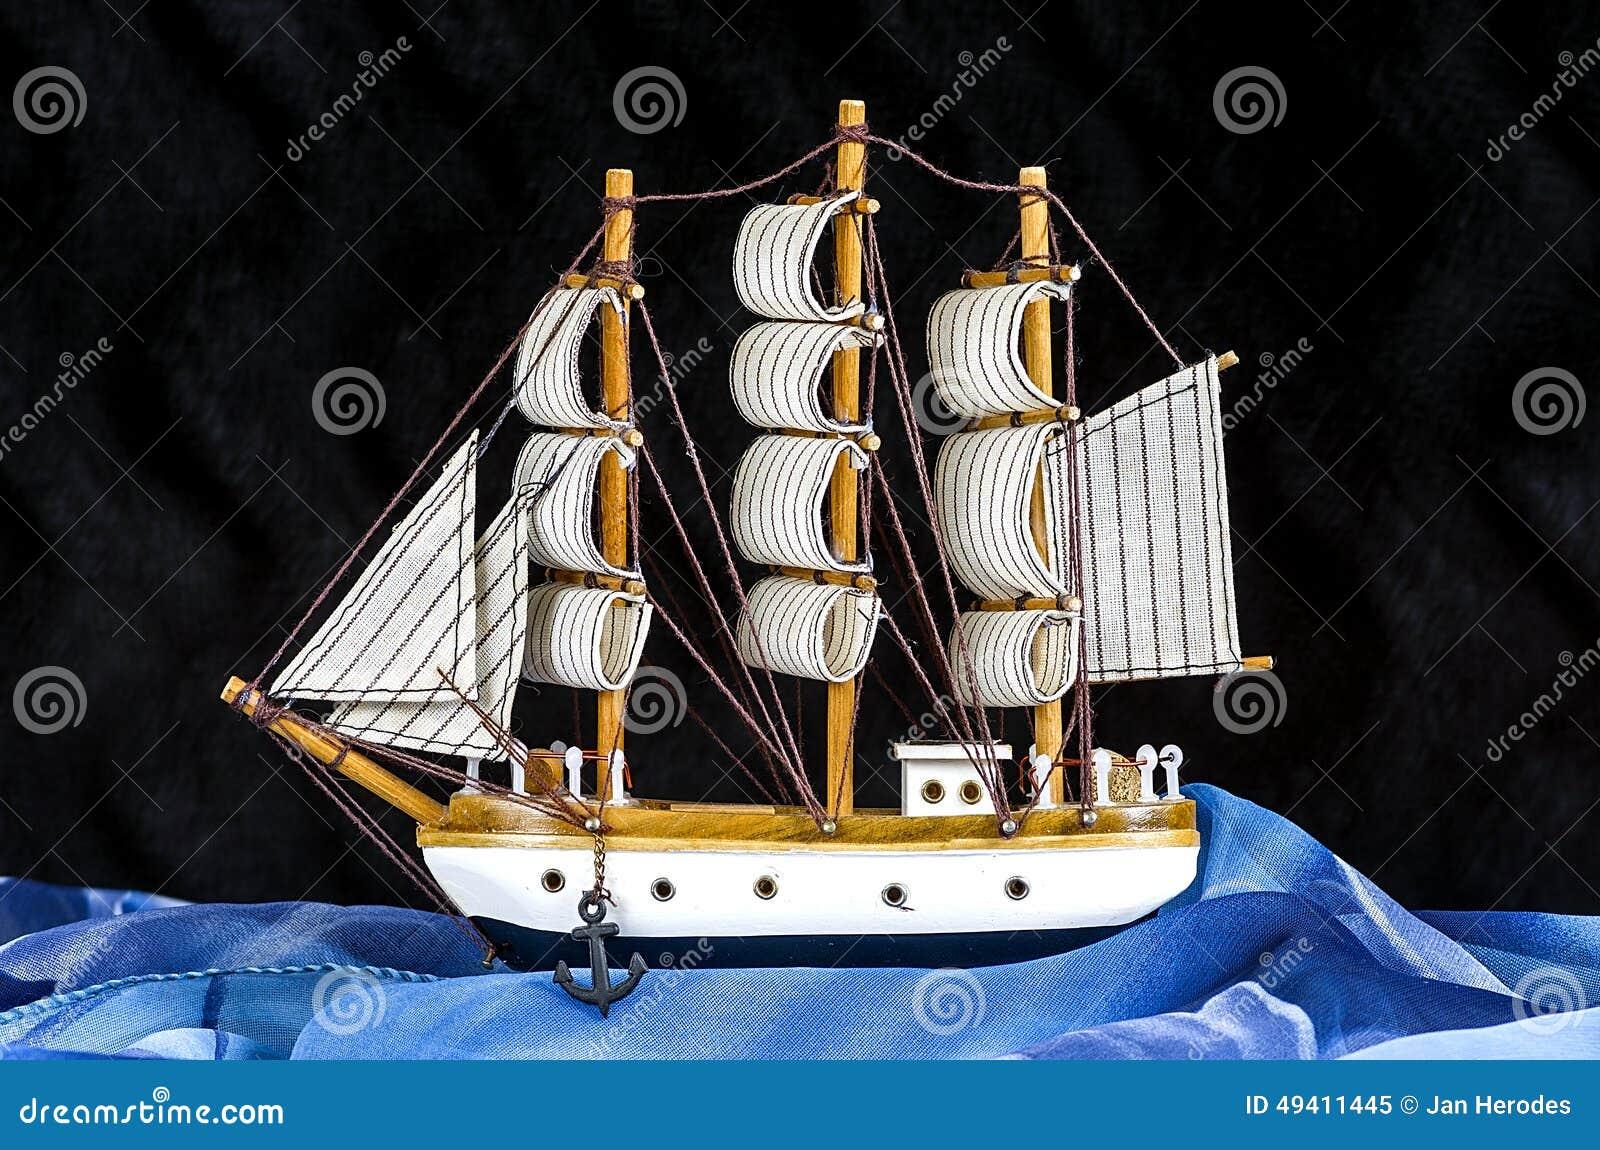 Download Vorbildliches Weißes Segelboot Mit Drei Masten Stockbild - Bild von blau, farbe: 49411445